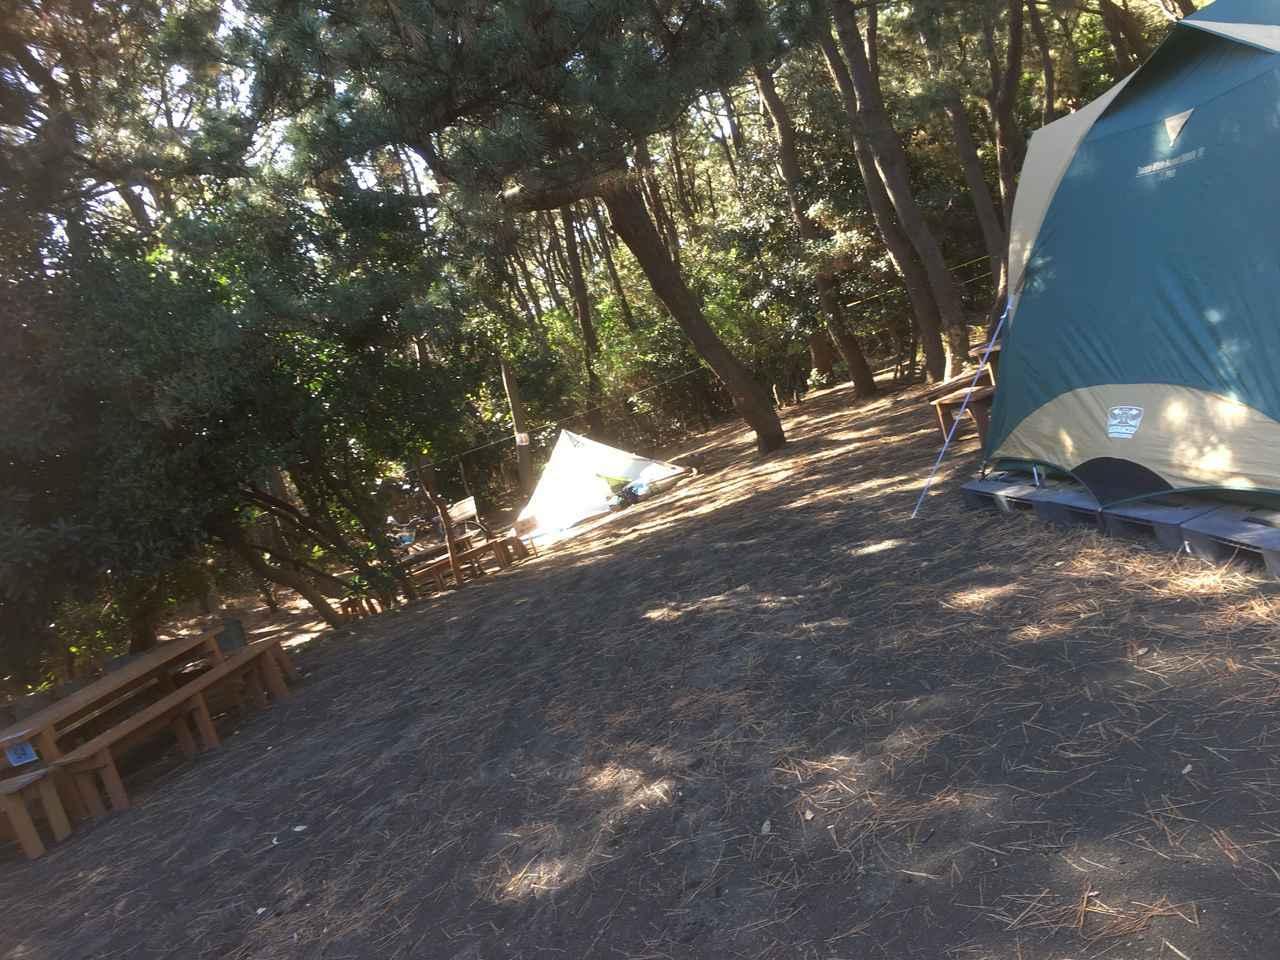 画像: 筆者撮影 柳島キャンプ場は木に囲まれていて、日影が多い!